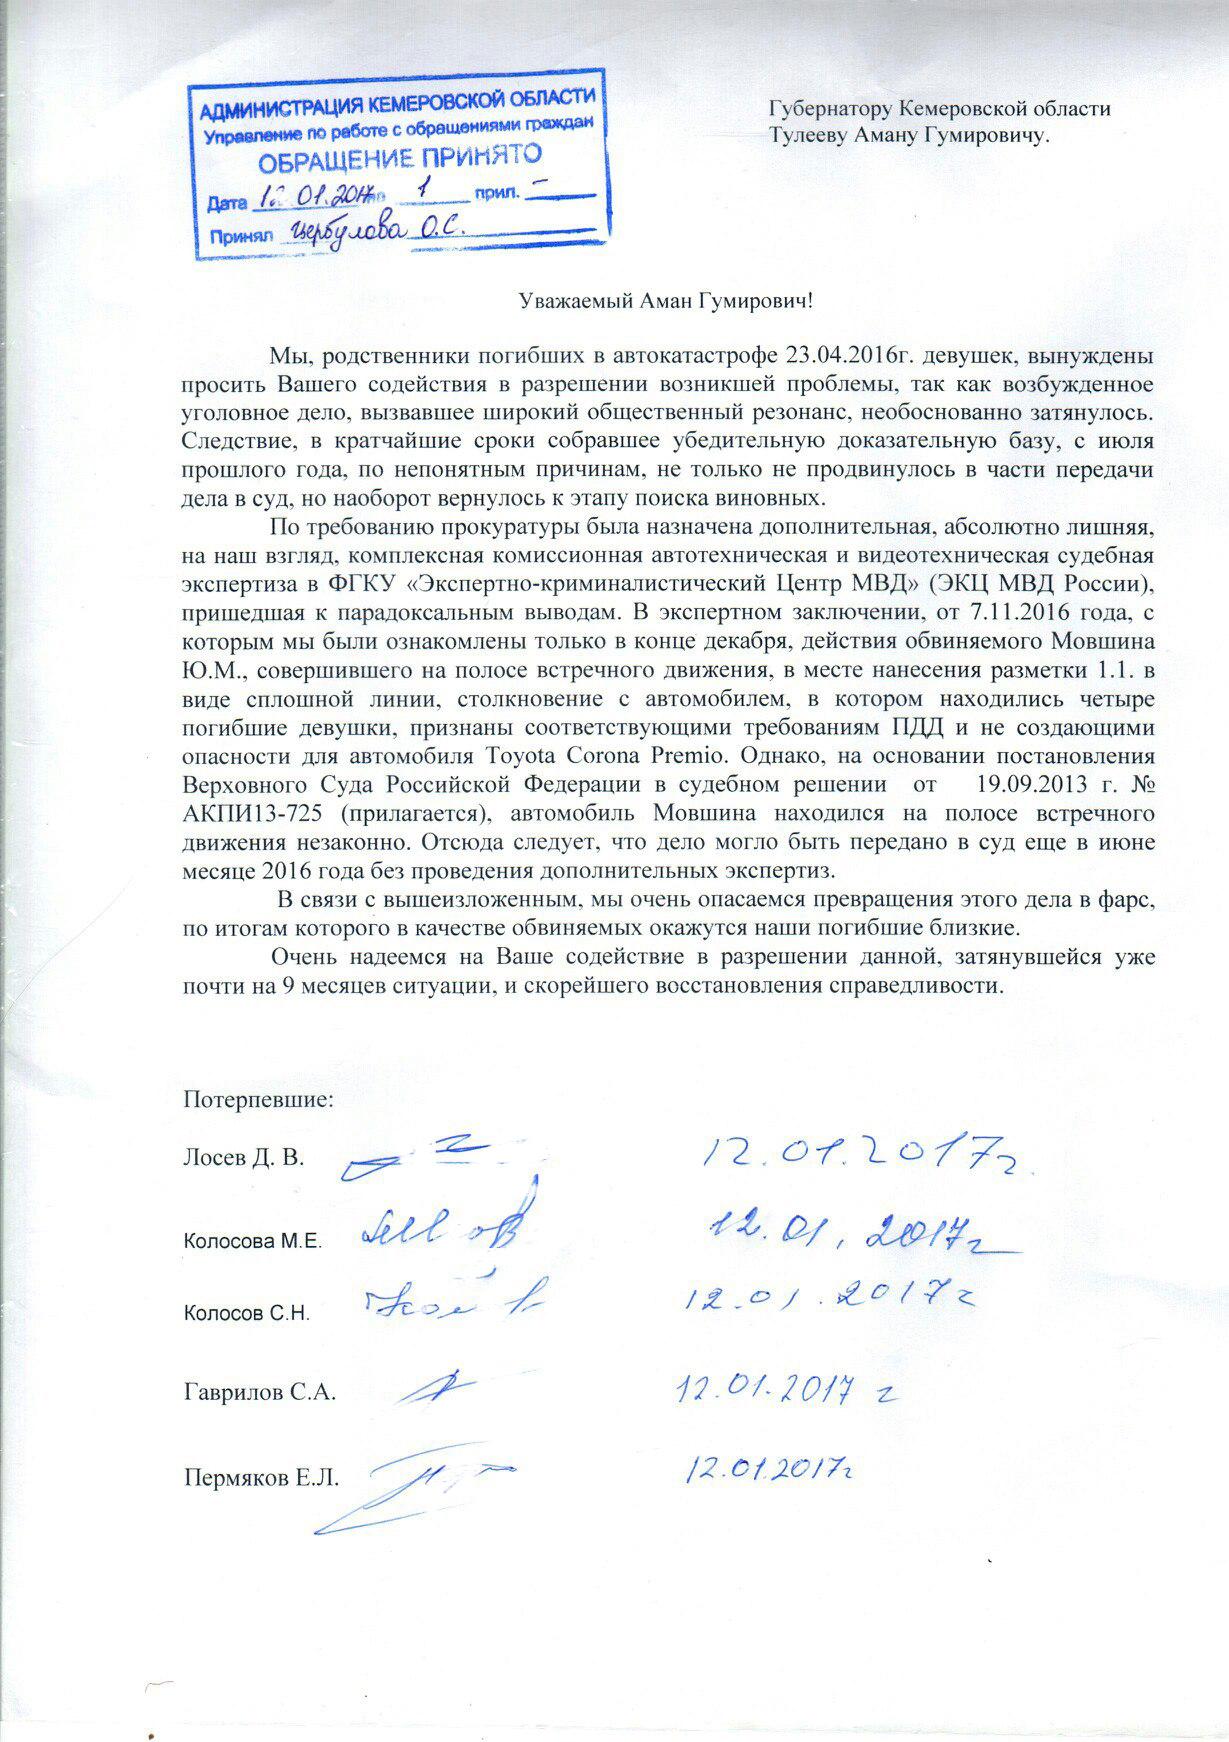 Амана Тулеева попросили оказать содействие в расследовании дела о ДТП с Мовшиным